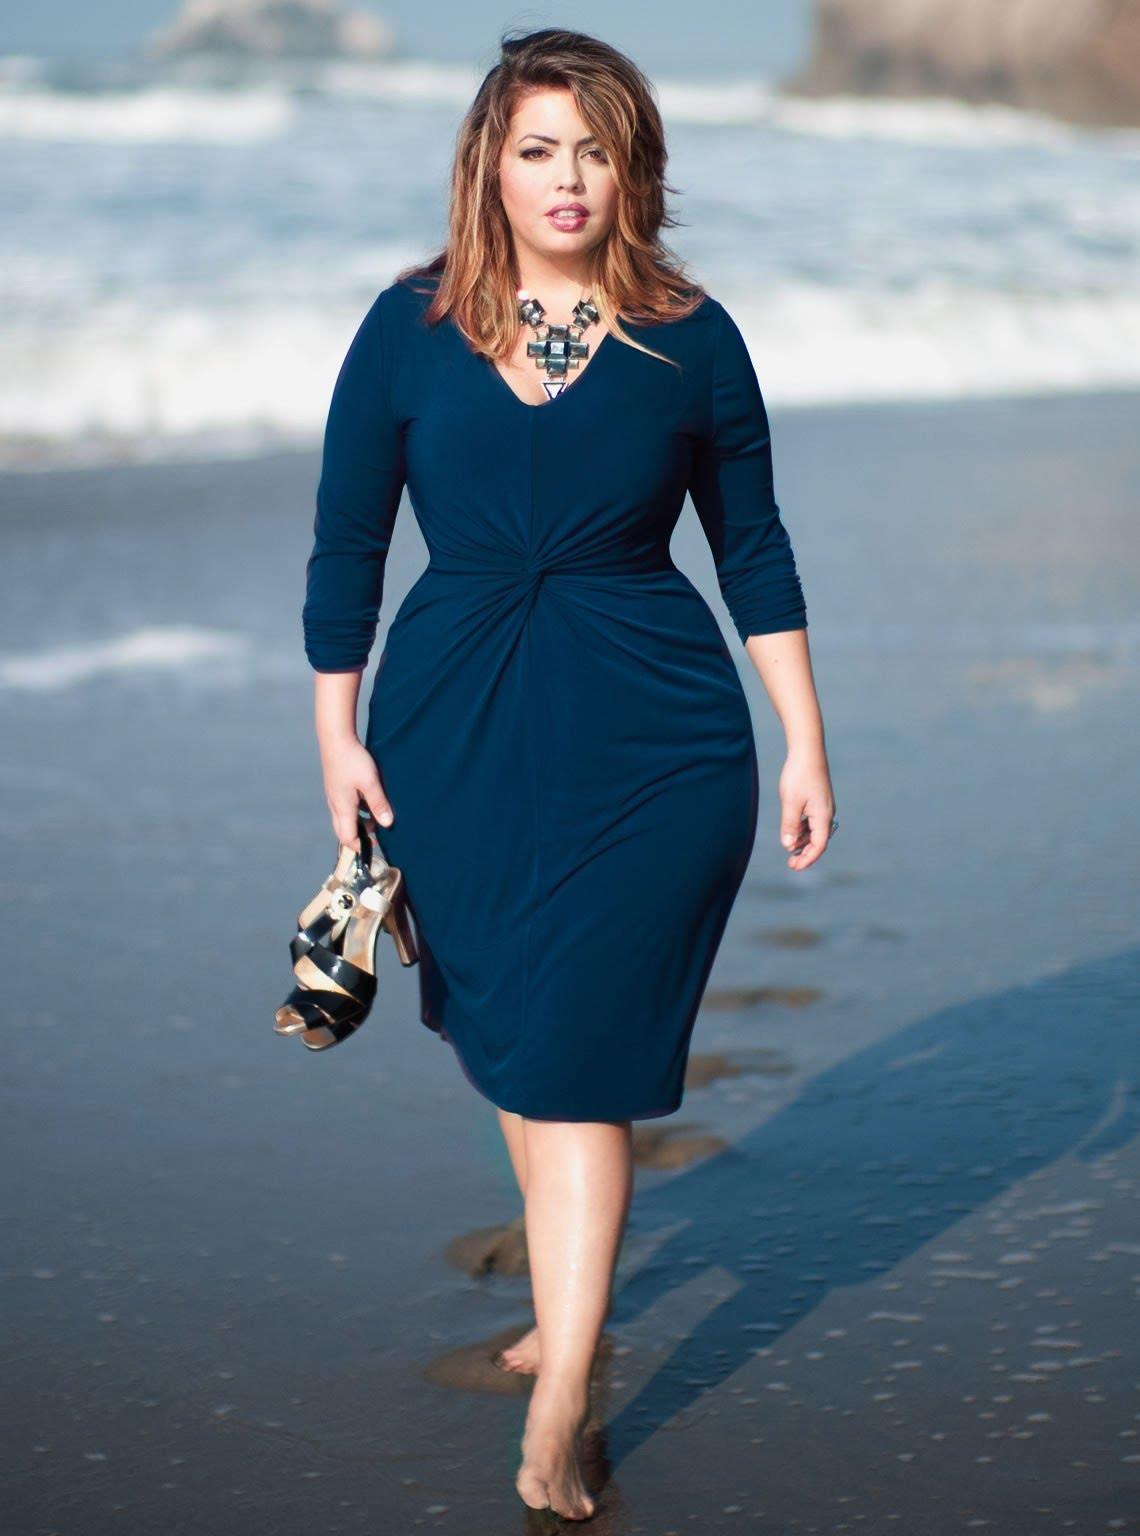 e14c8065075 Красивые фасоны платьев для полных женщин Красивое платье для полненькой  девушки ...